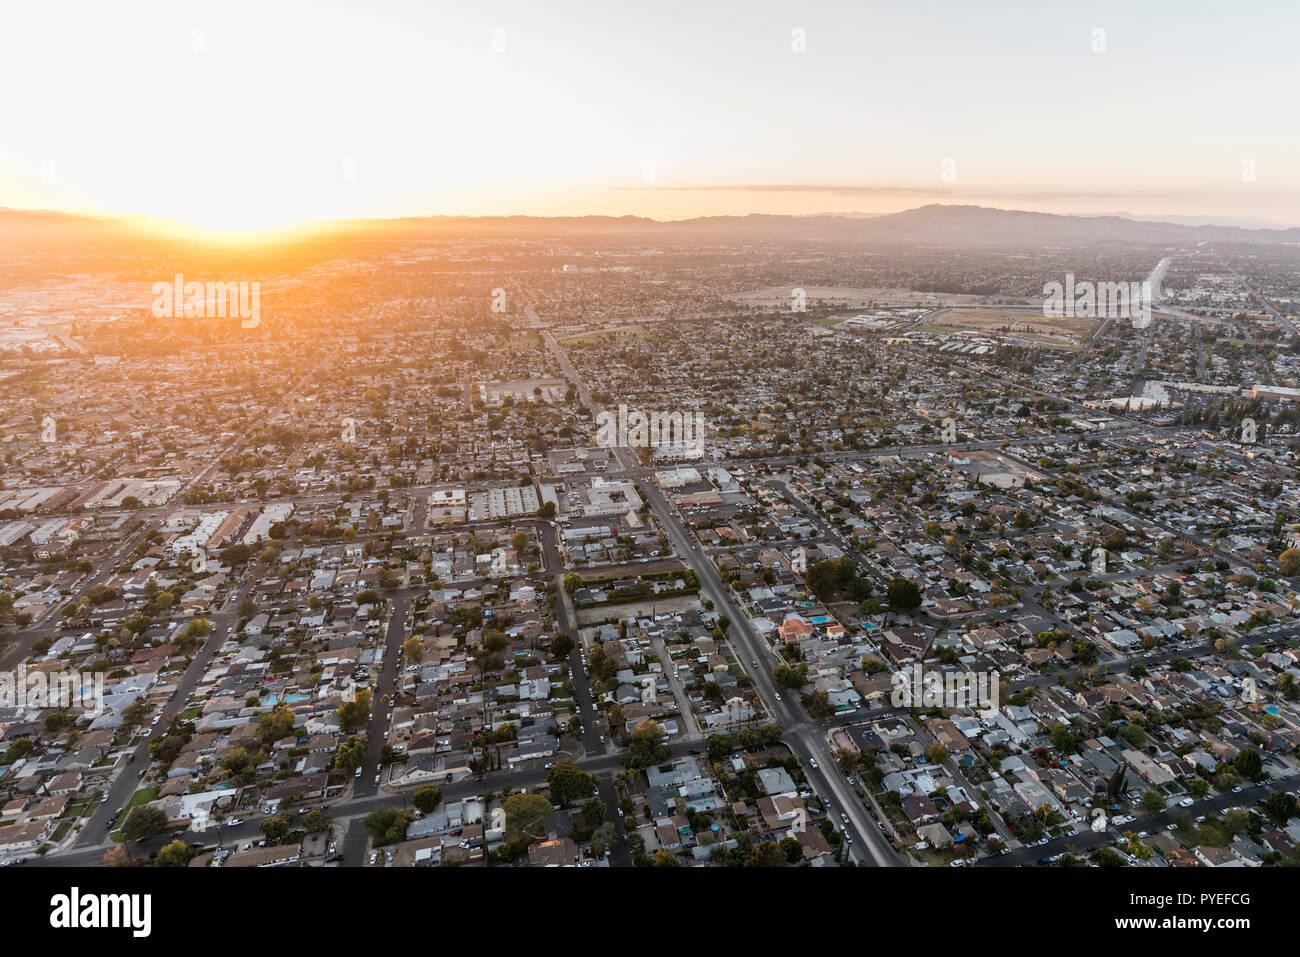 Puesta de sol vista aérea del Valle de San Fernando, casas y calles en Los Angeles, California. Foto de stock